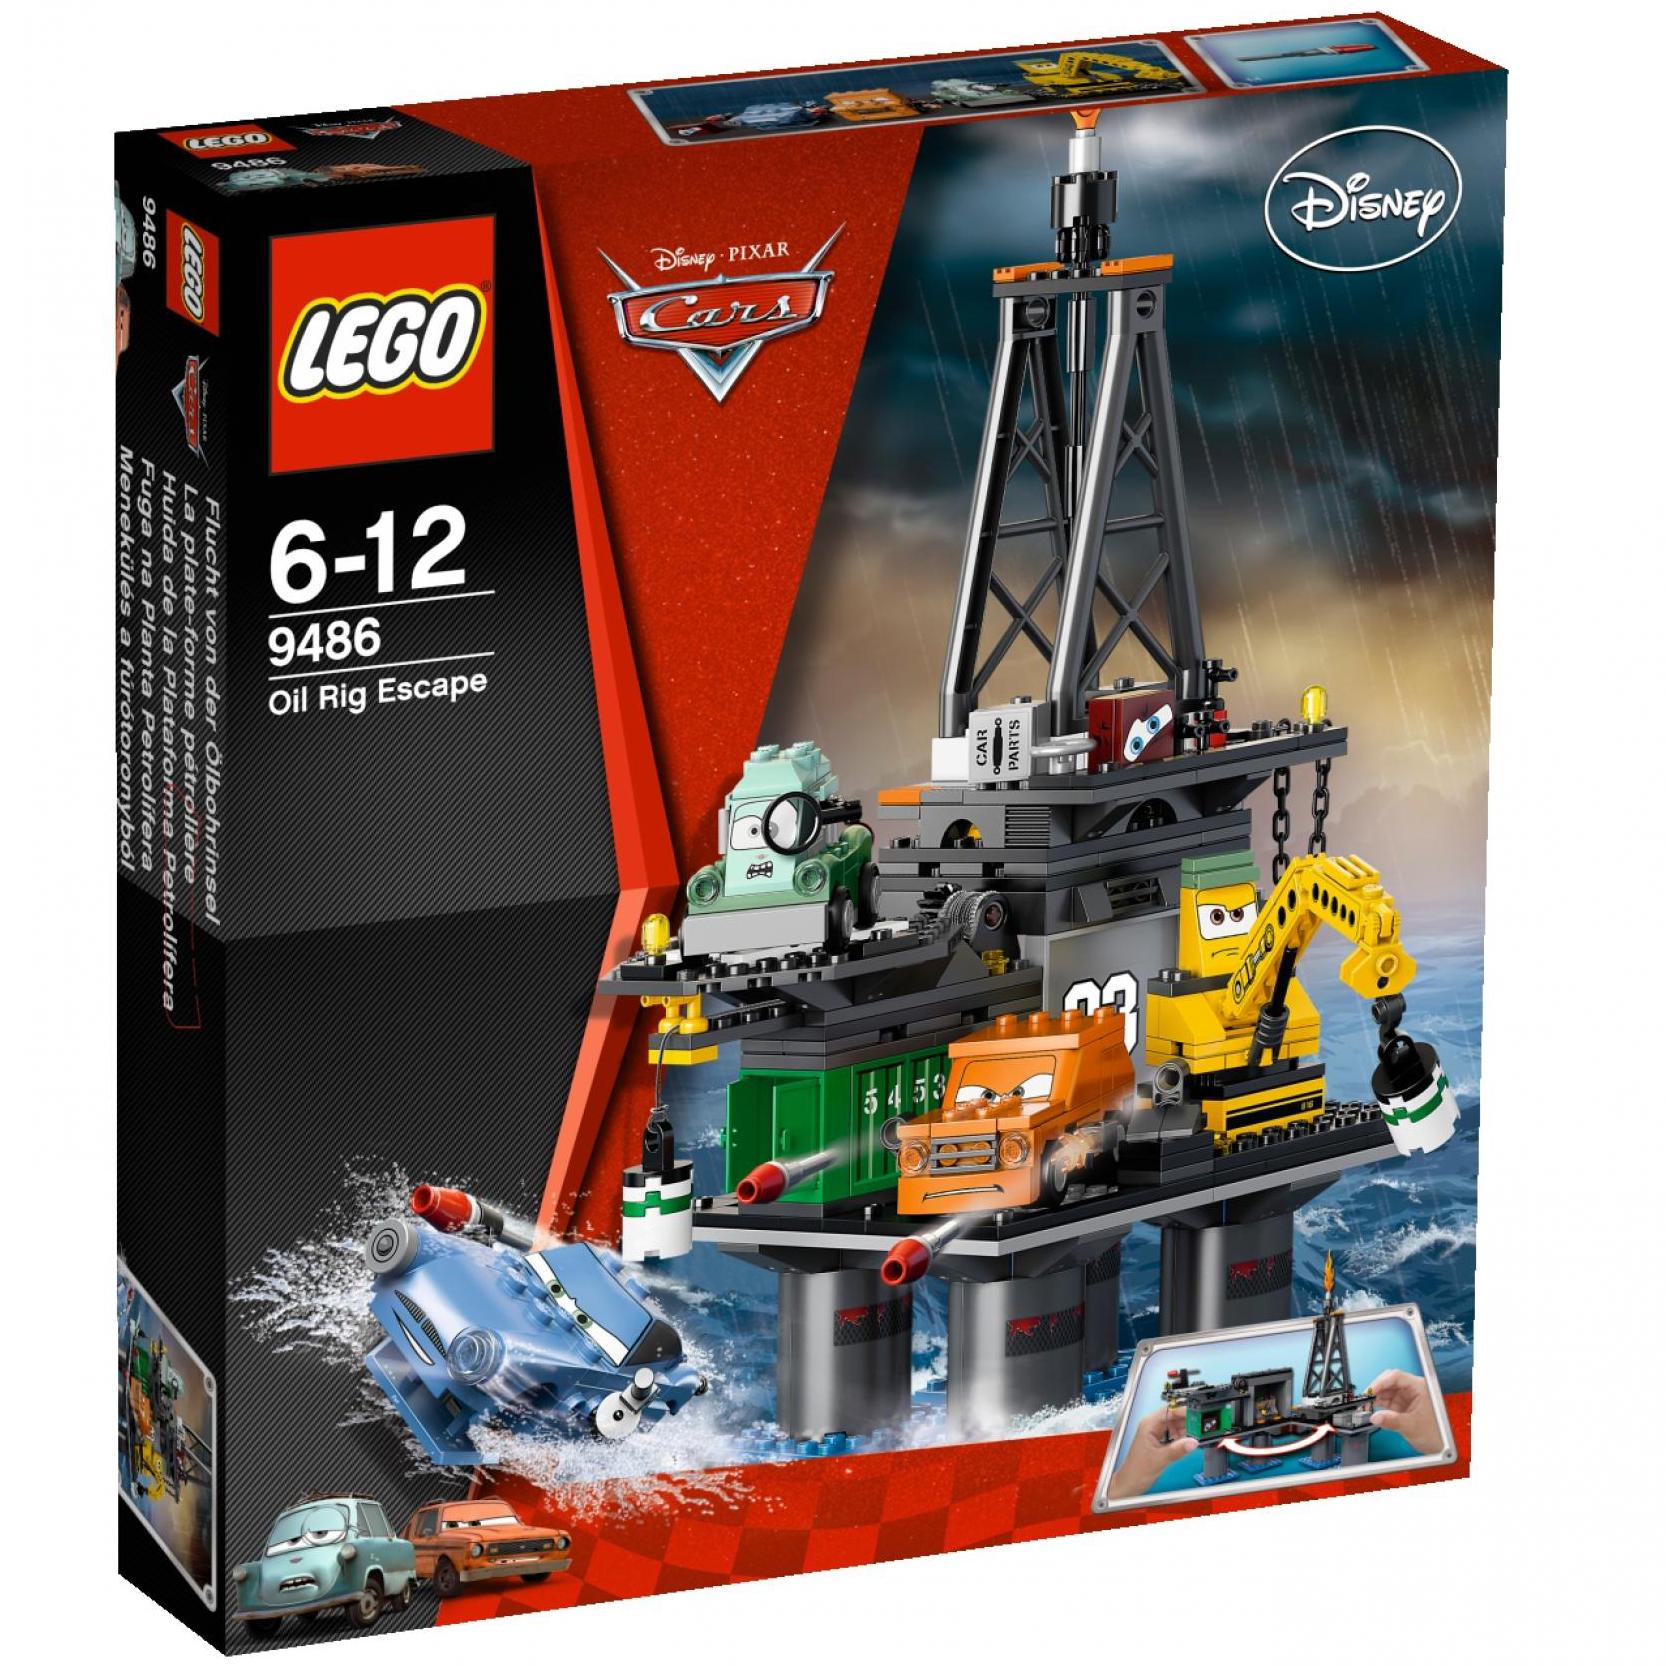 LEGO 9486 Racers